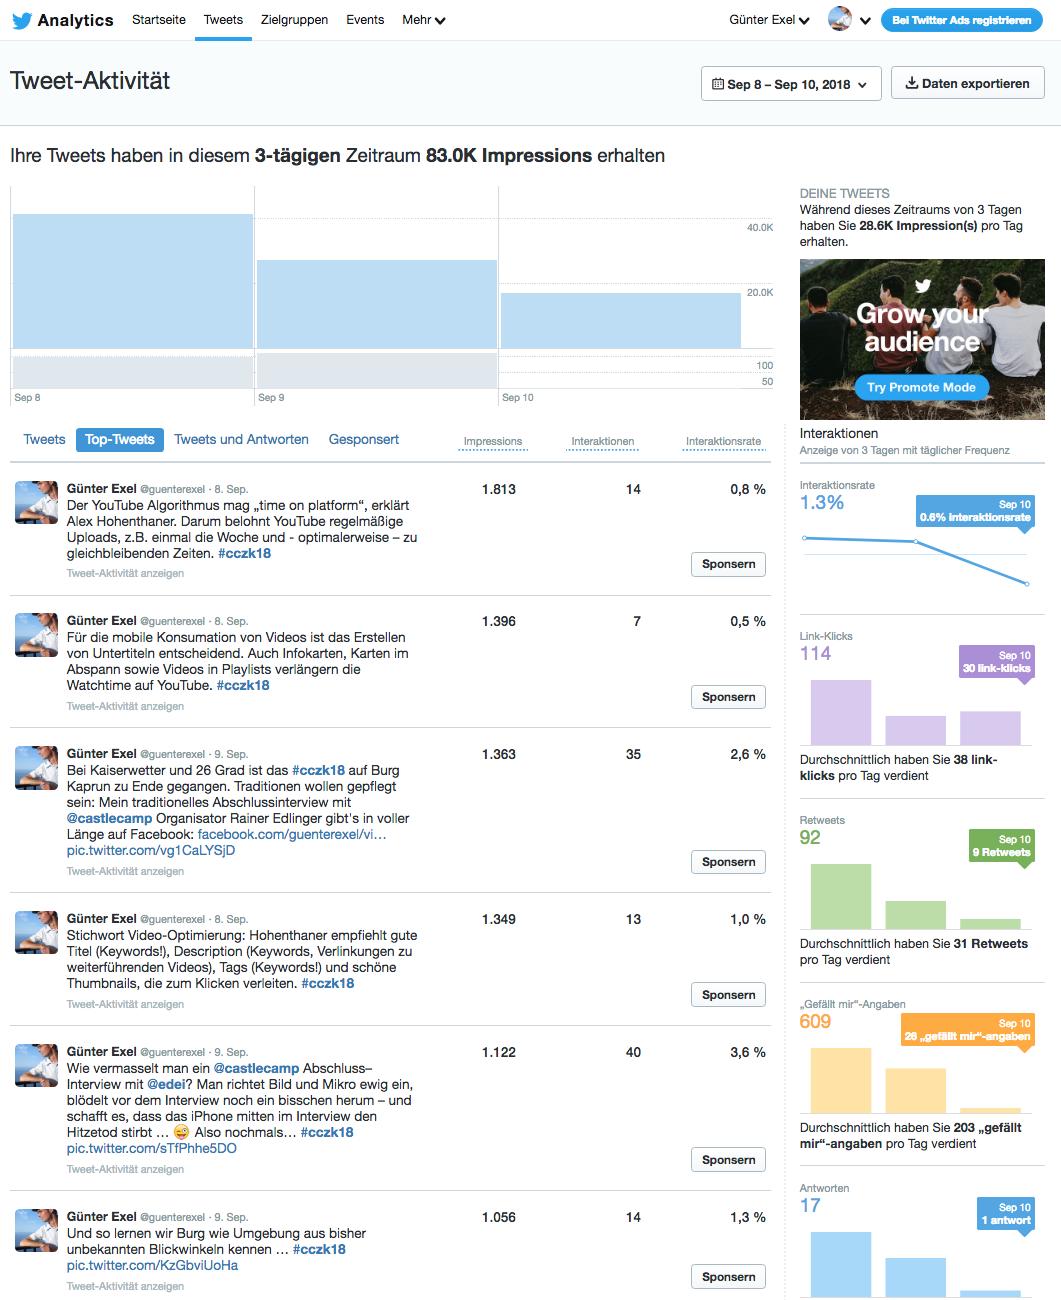 Twitter Analytics @guenterexel #cczk18